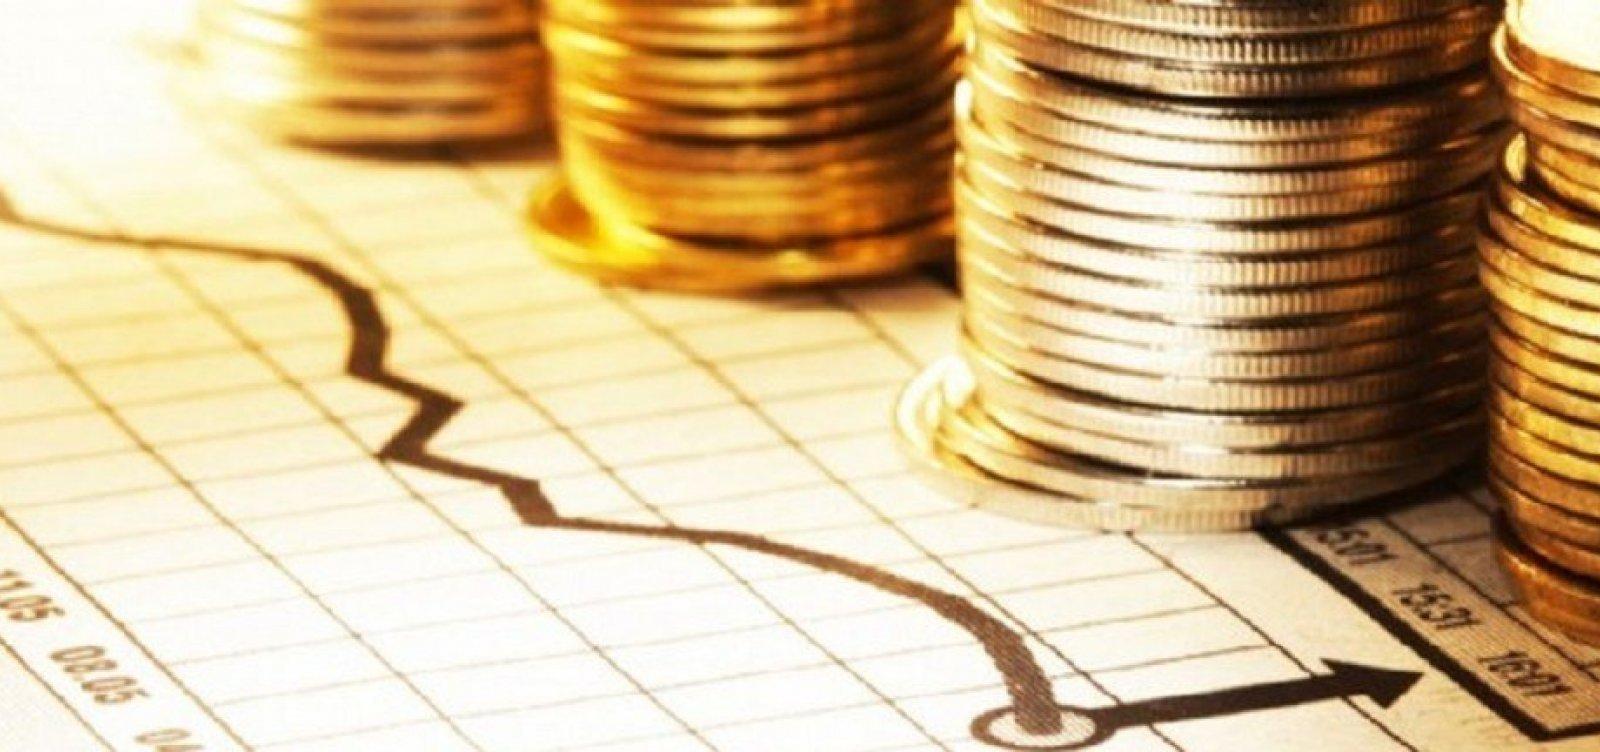 Bancejud bloqueia mais de R$ 13 bi de janeiro a setembro